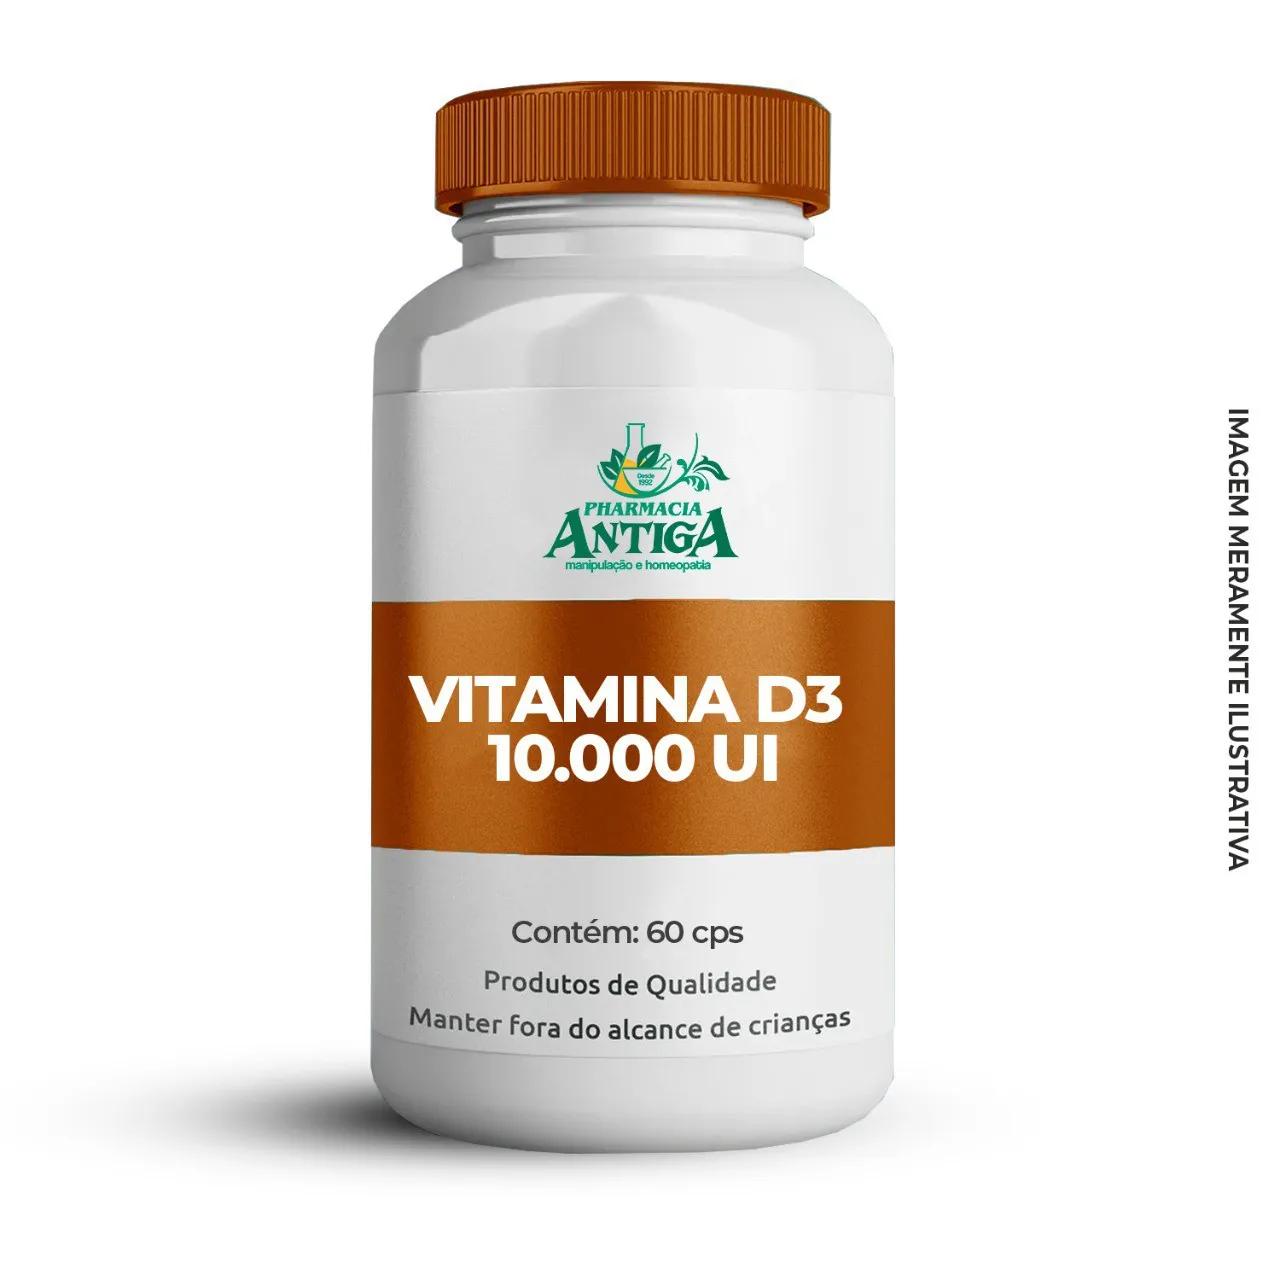 VITAMINA D3 10.000 UI 60 cps